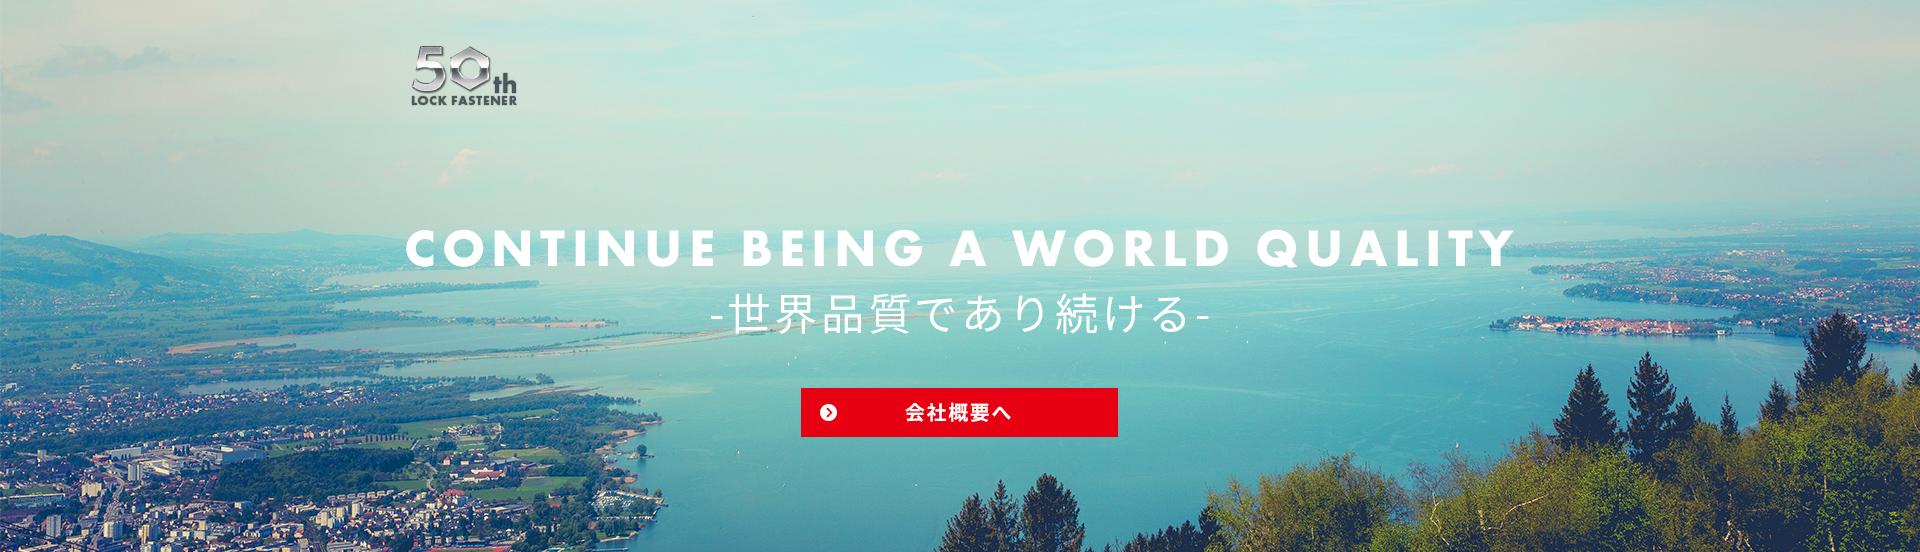 世界品質であり続ける